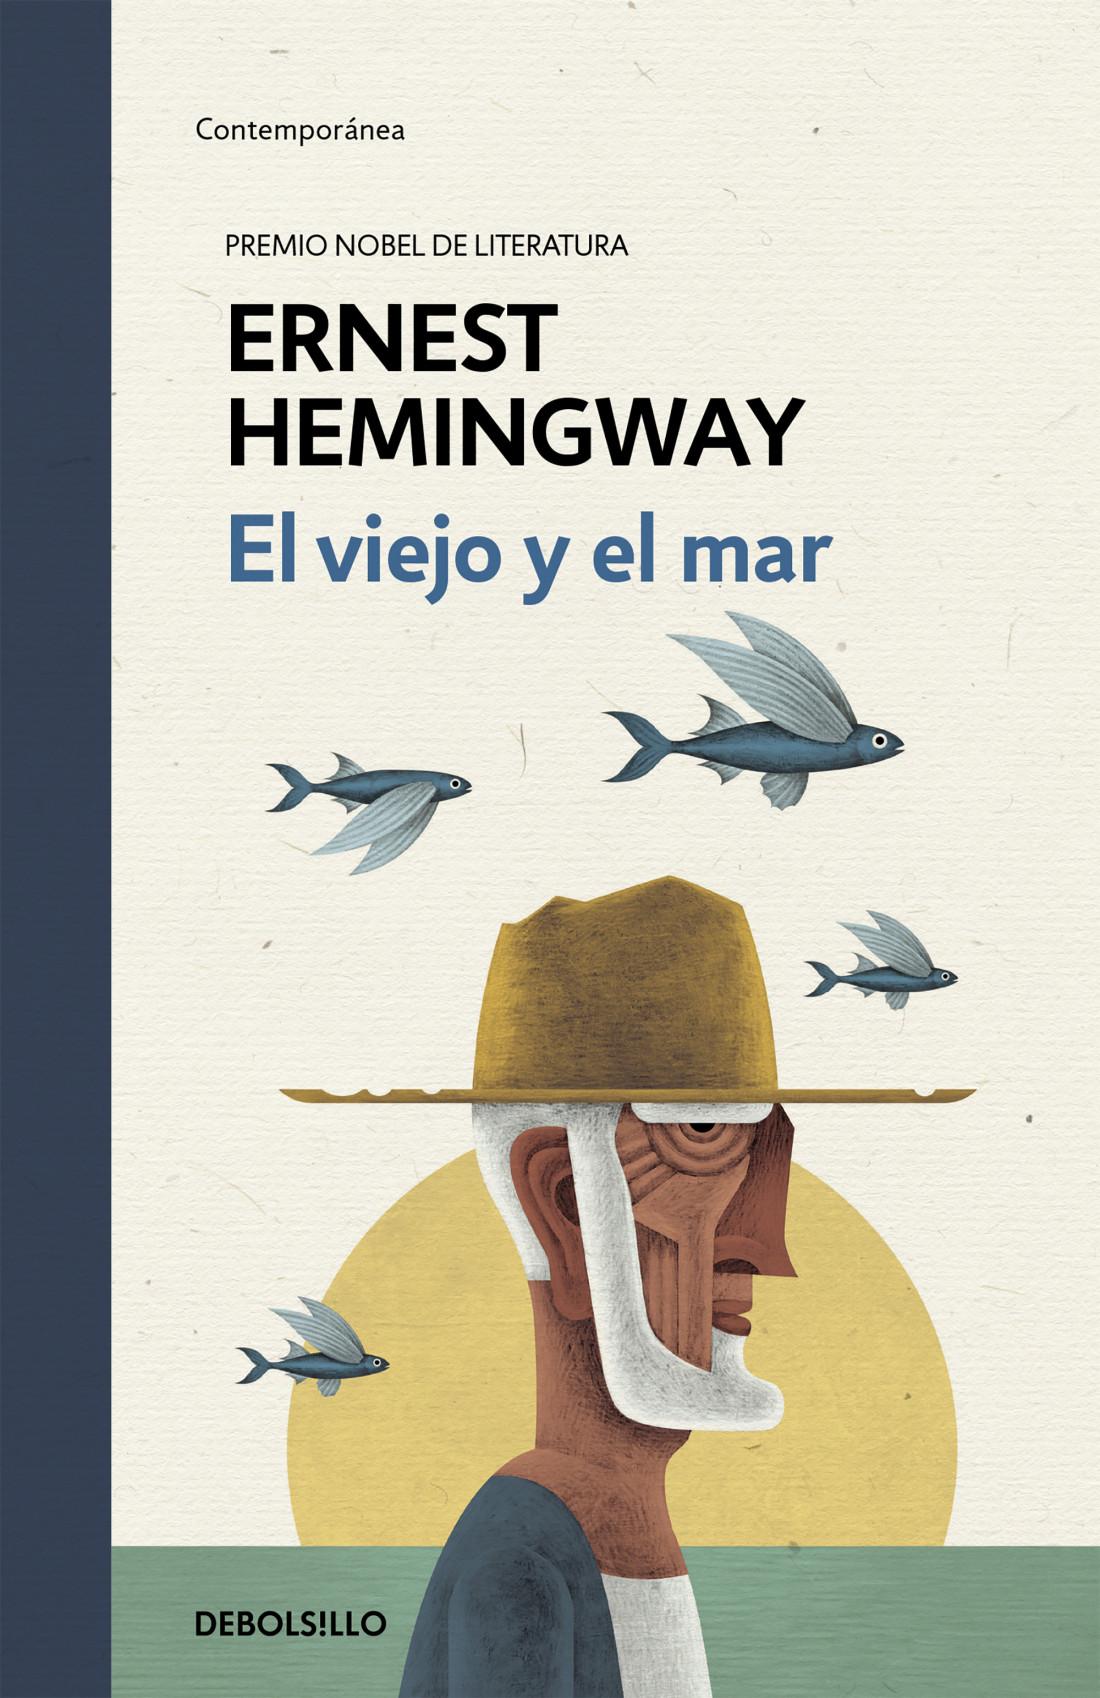 El viejo y el mar – Ernest Hemingway